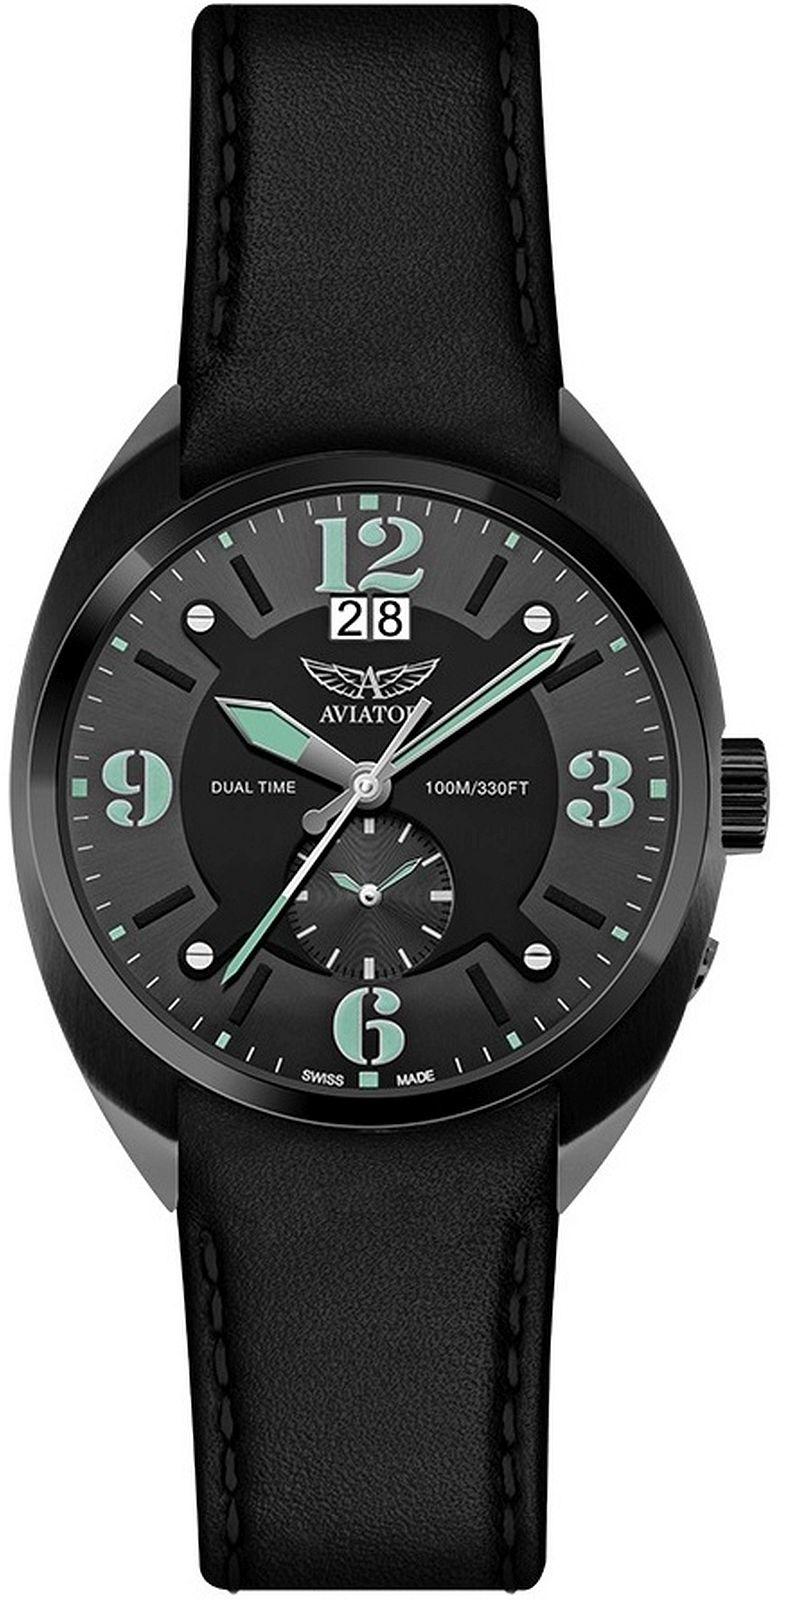 Aviator M.1.14.5.084.4 > Wysyłka tego samego dnia Grawer 0zł Darmowa dostawa Kurierem/Inpost Darmowy zwrot przez 100 DNI